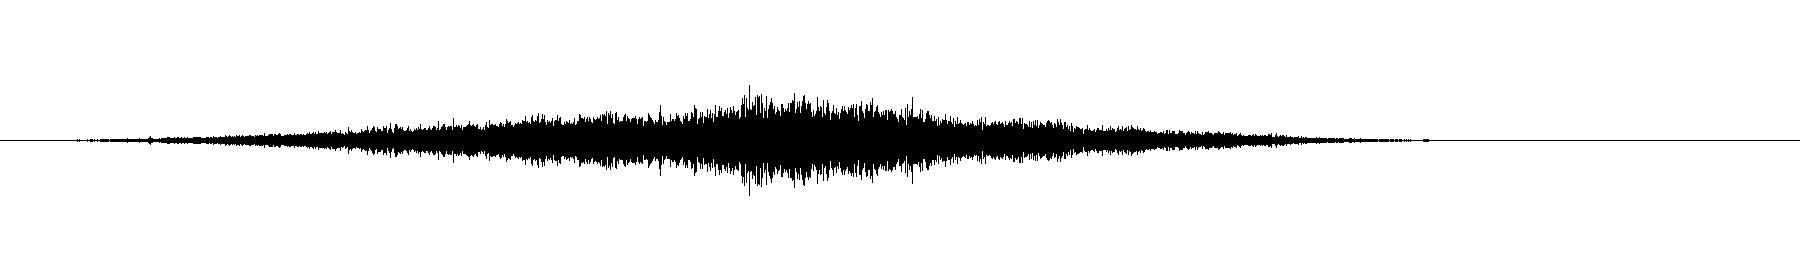 misc 2